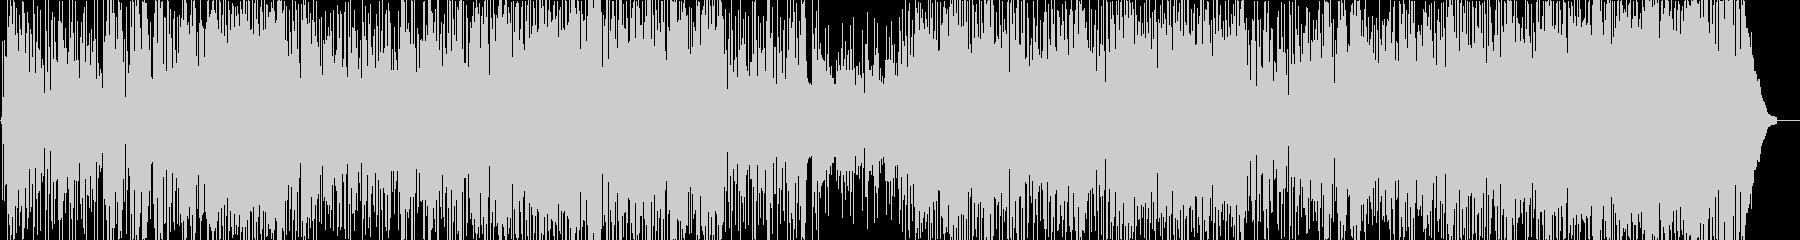 ポップよりのジャズフュージョンの未再生の波形